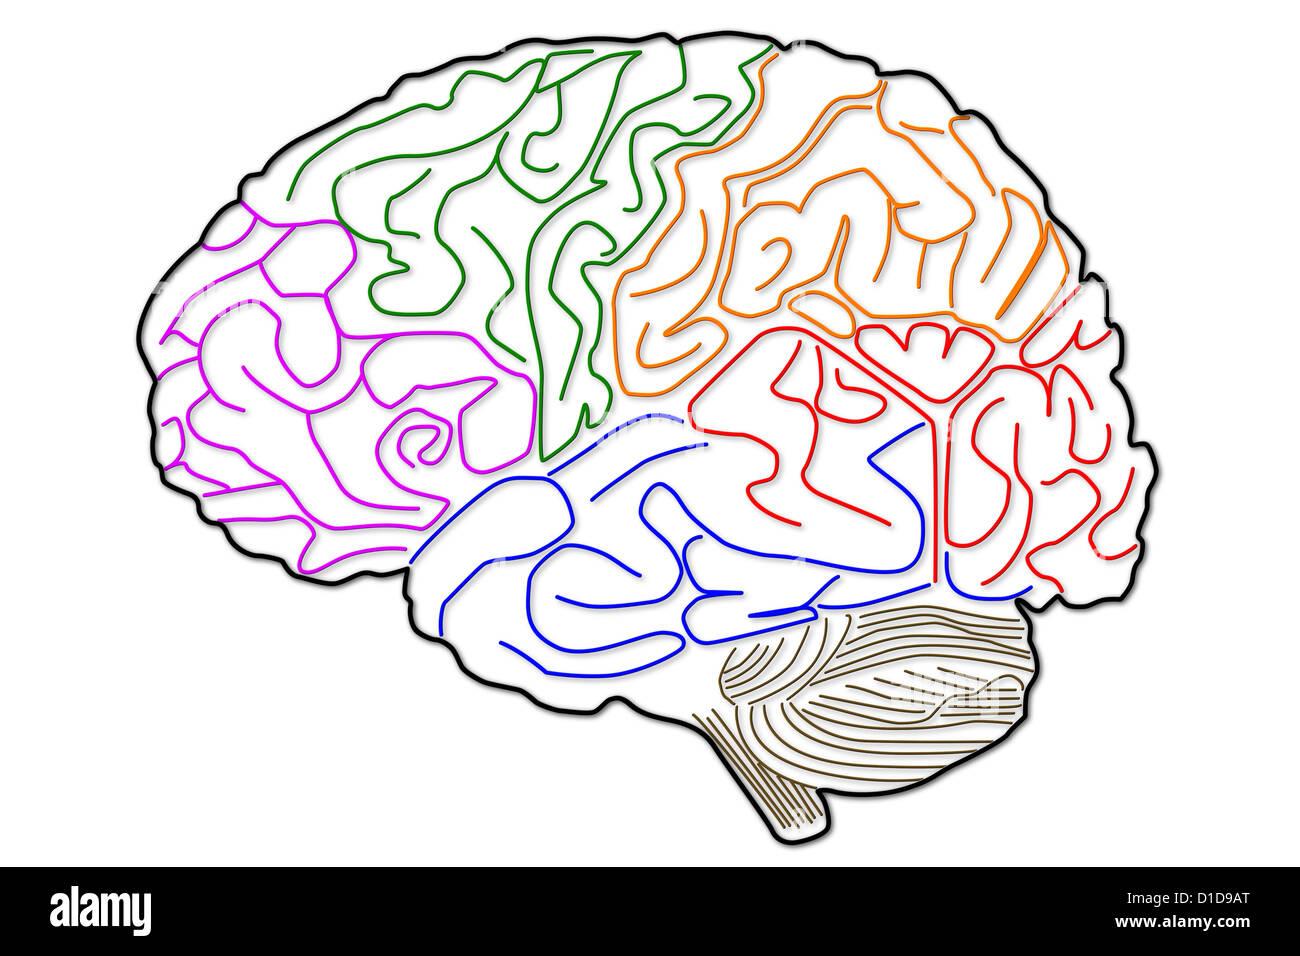 Fantastisch Gehirn Anatomie Malbuch Fotos - Malvorlagen Von Tieren ...